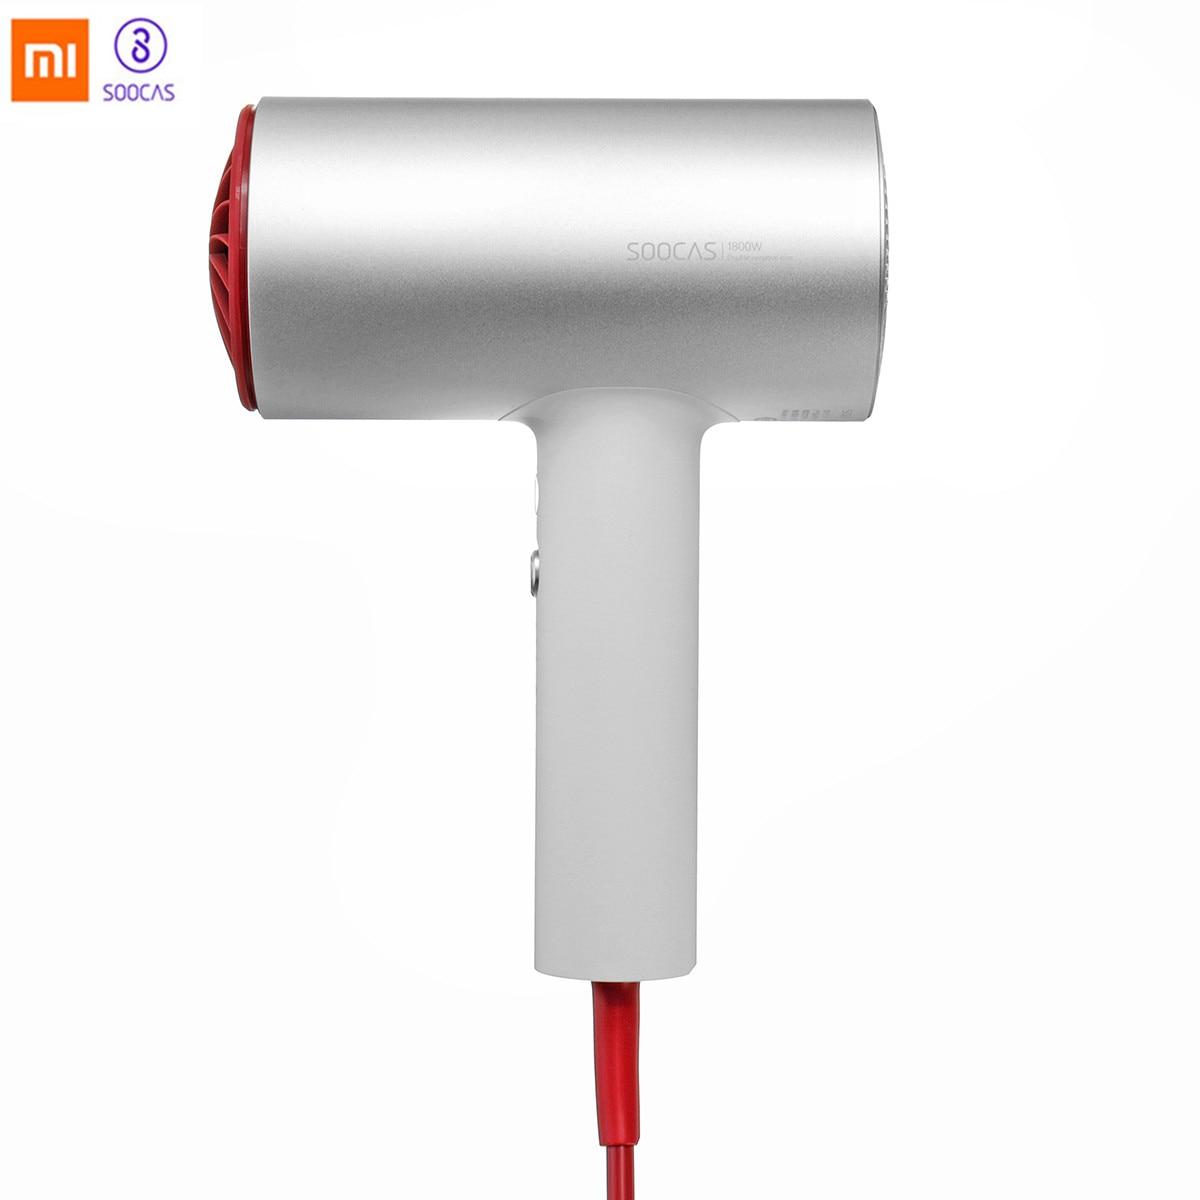 Xiaomi Édition Internationale Soocas H3 D'origine Anion Sèche-Cheveux Rapide-sec Cheveux Outils 1800 w Sortie D'air Anti- innovants chaudes L'UE